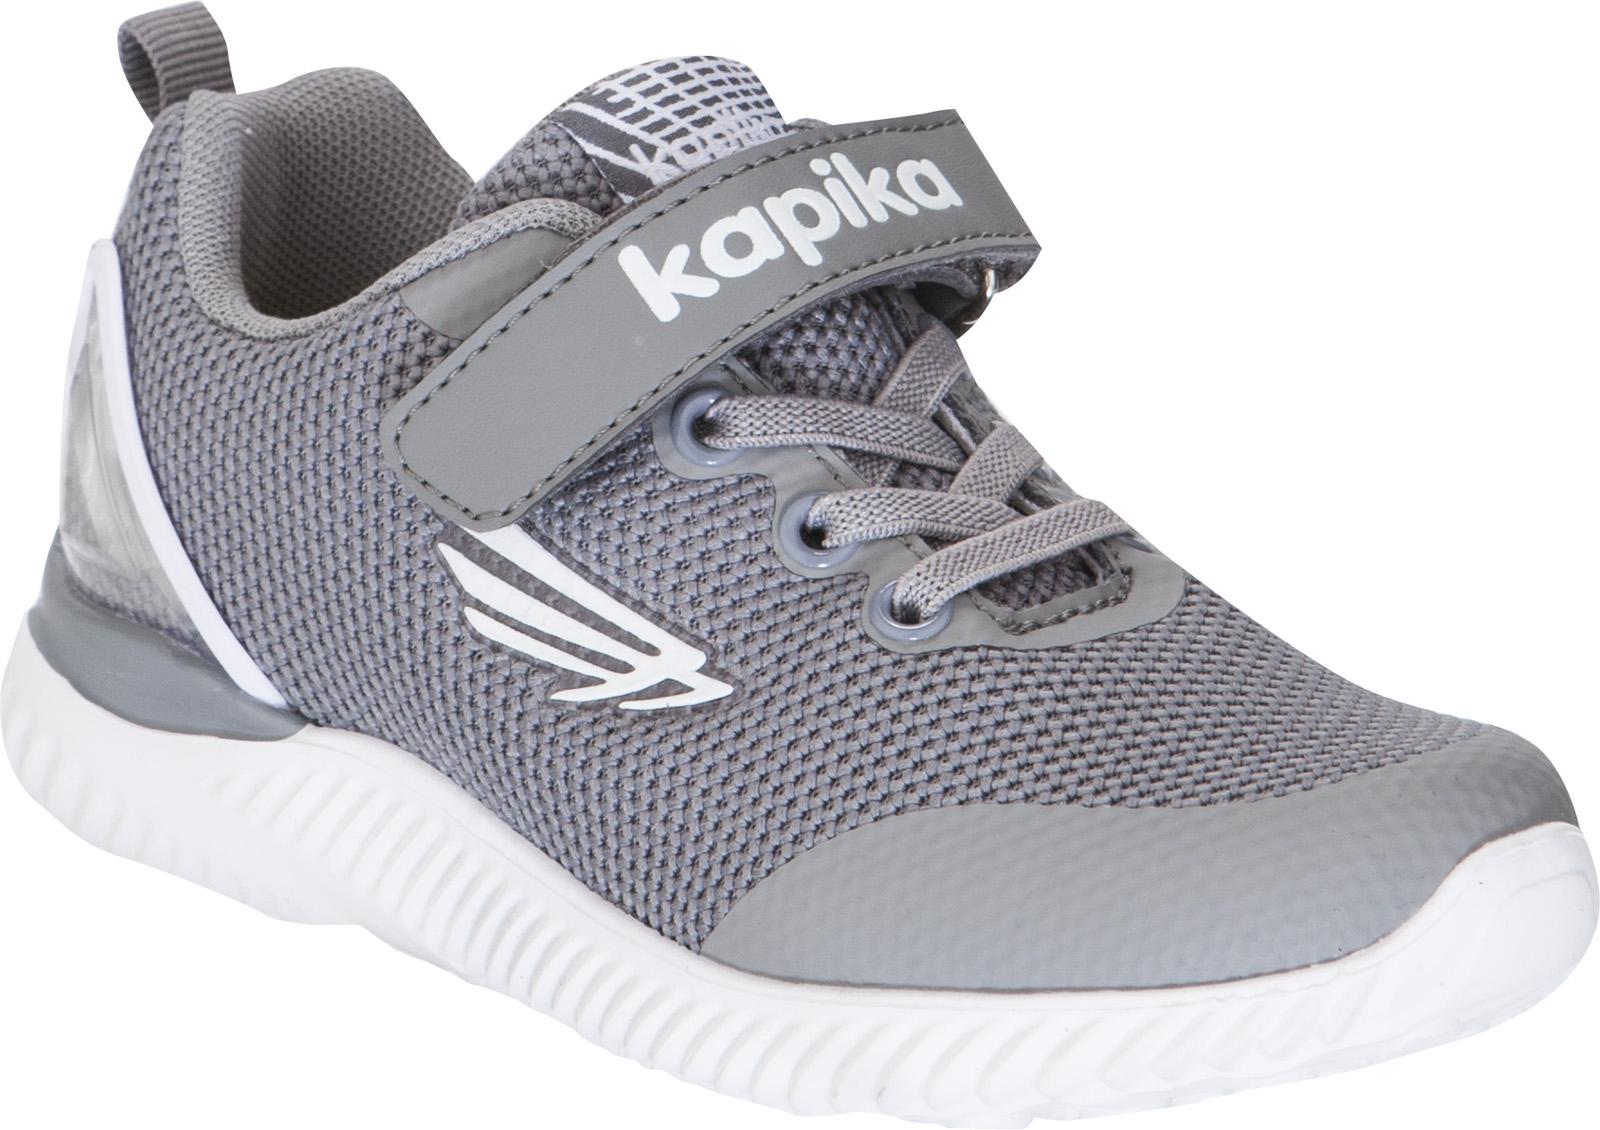 Кроссовки для мальчика Kapika, цвет: серый. 73335-2. Размер 3673335-2